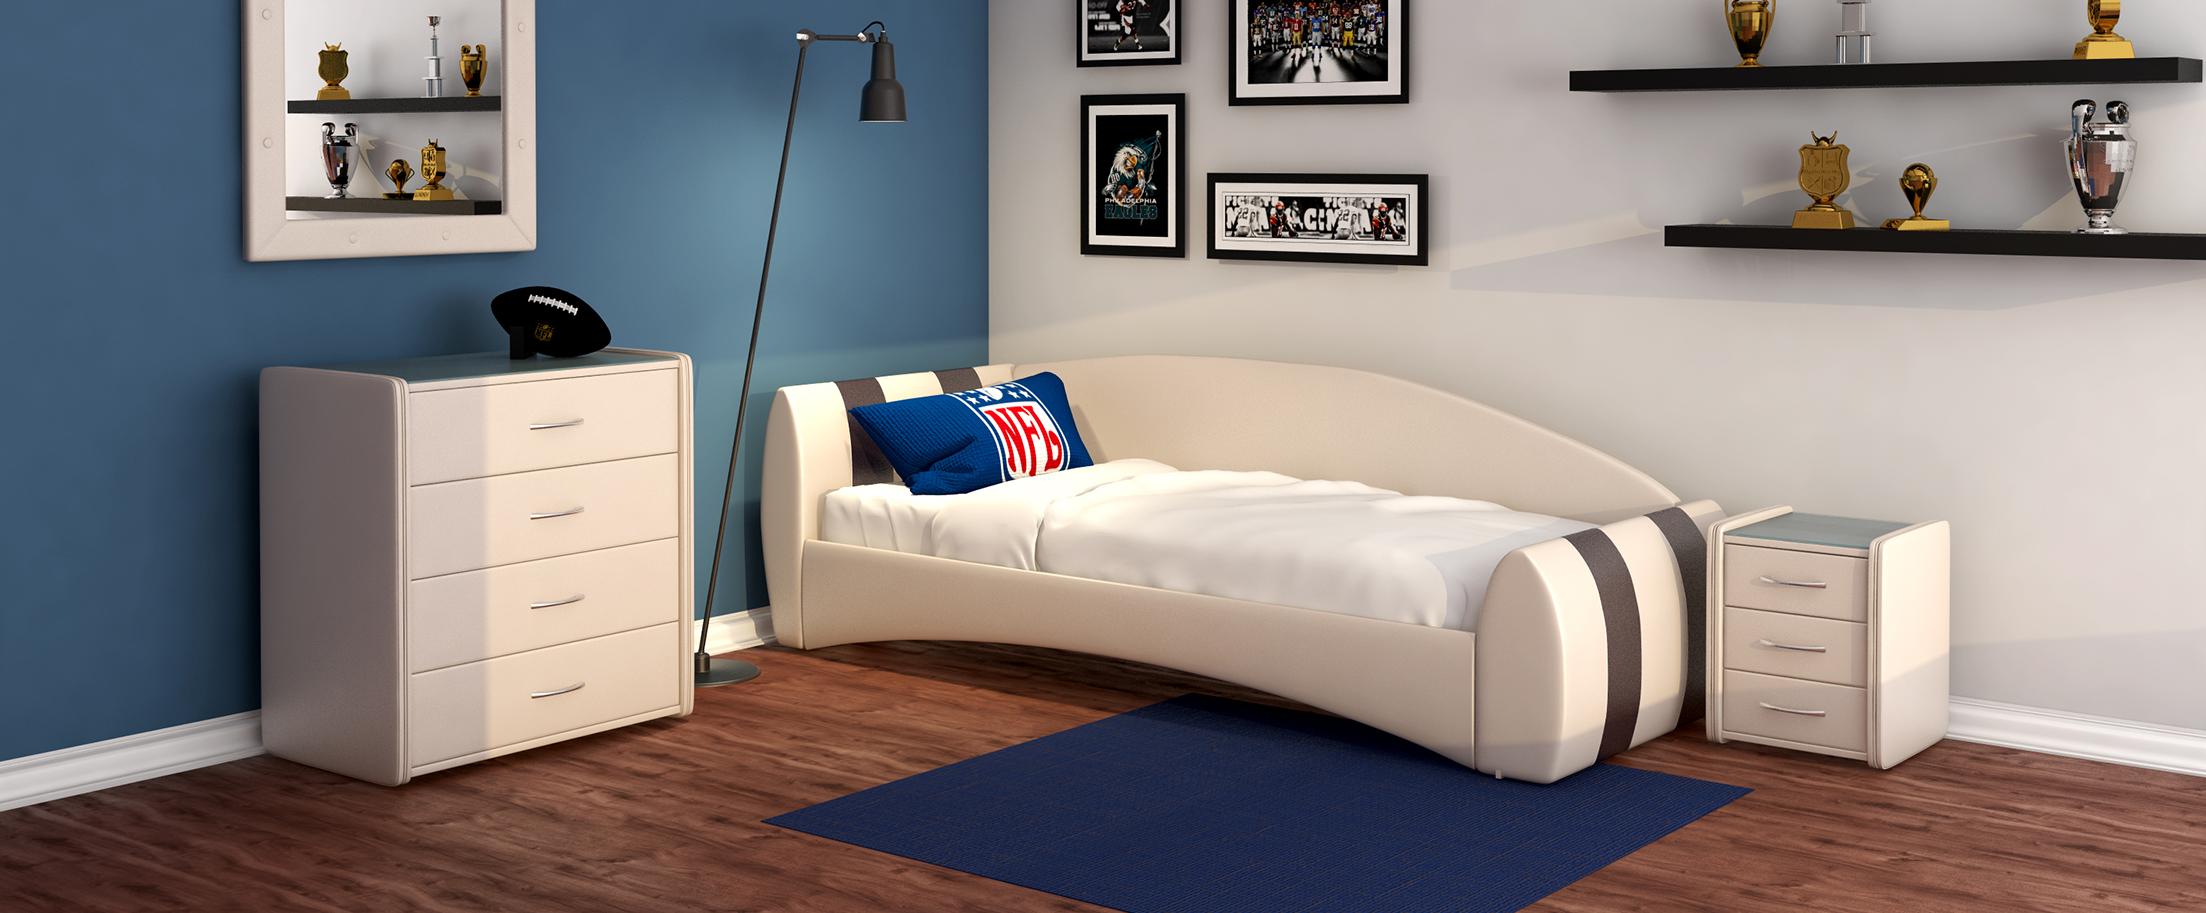 Кровать односпальная Кальвет (левая) Модель 387